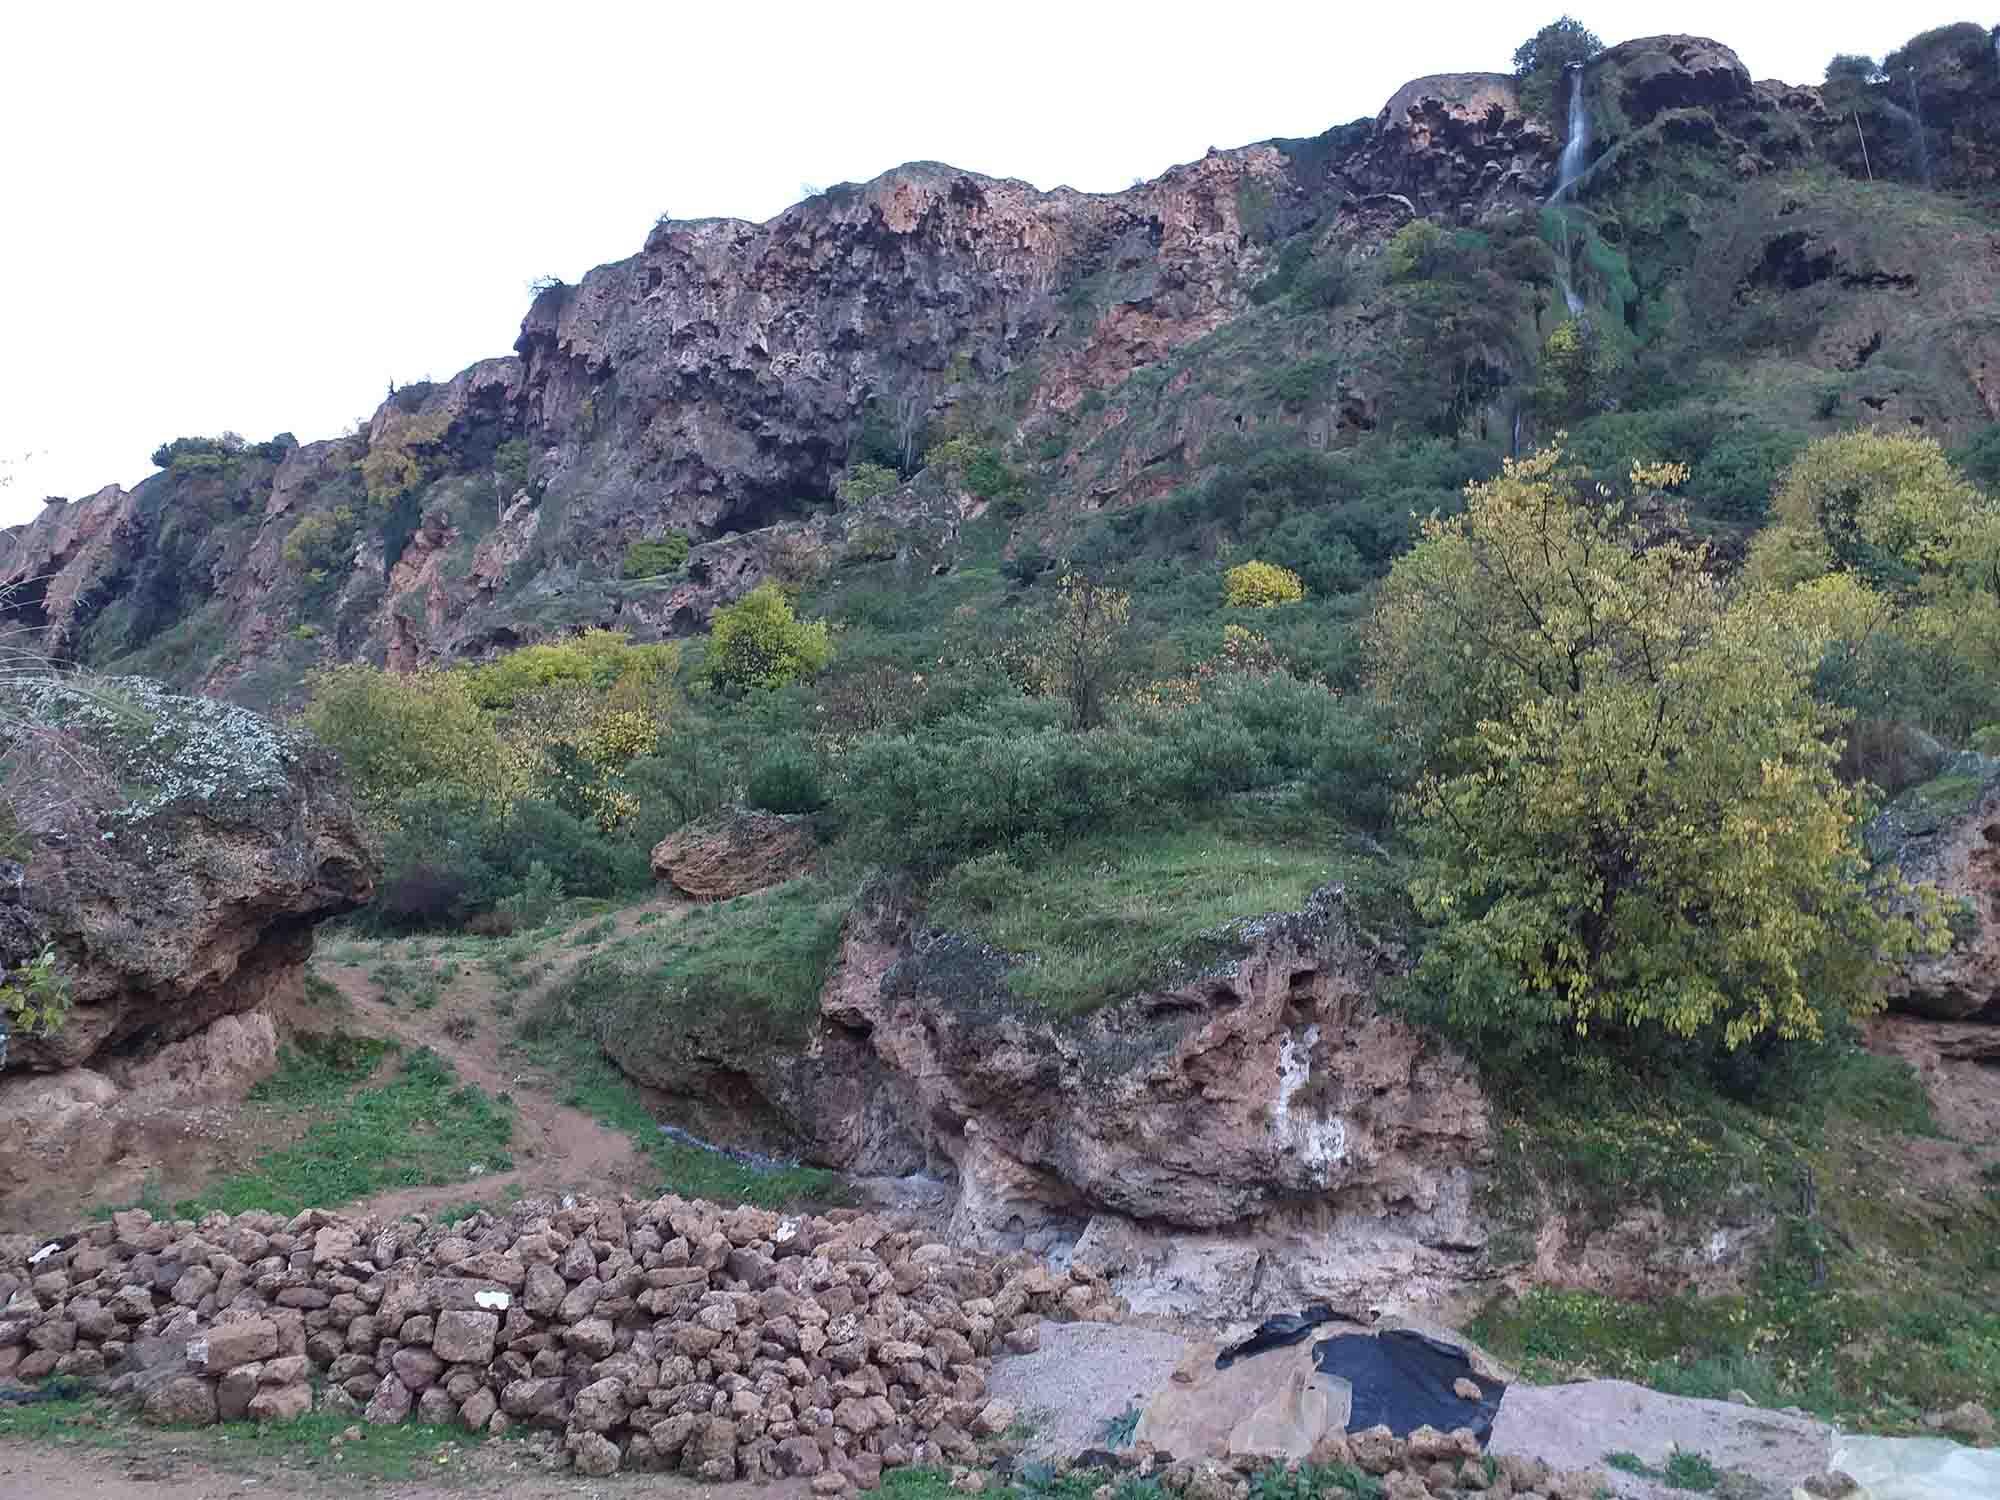 MOYEN ATLAS CIRCULAR OF OUM RABIA VALLEY